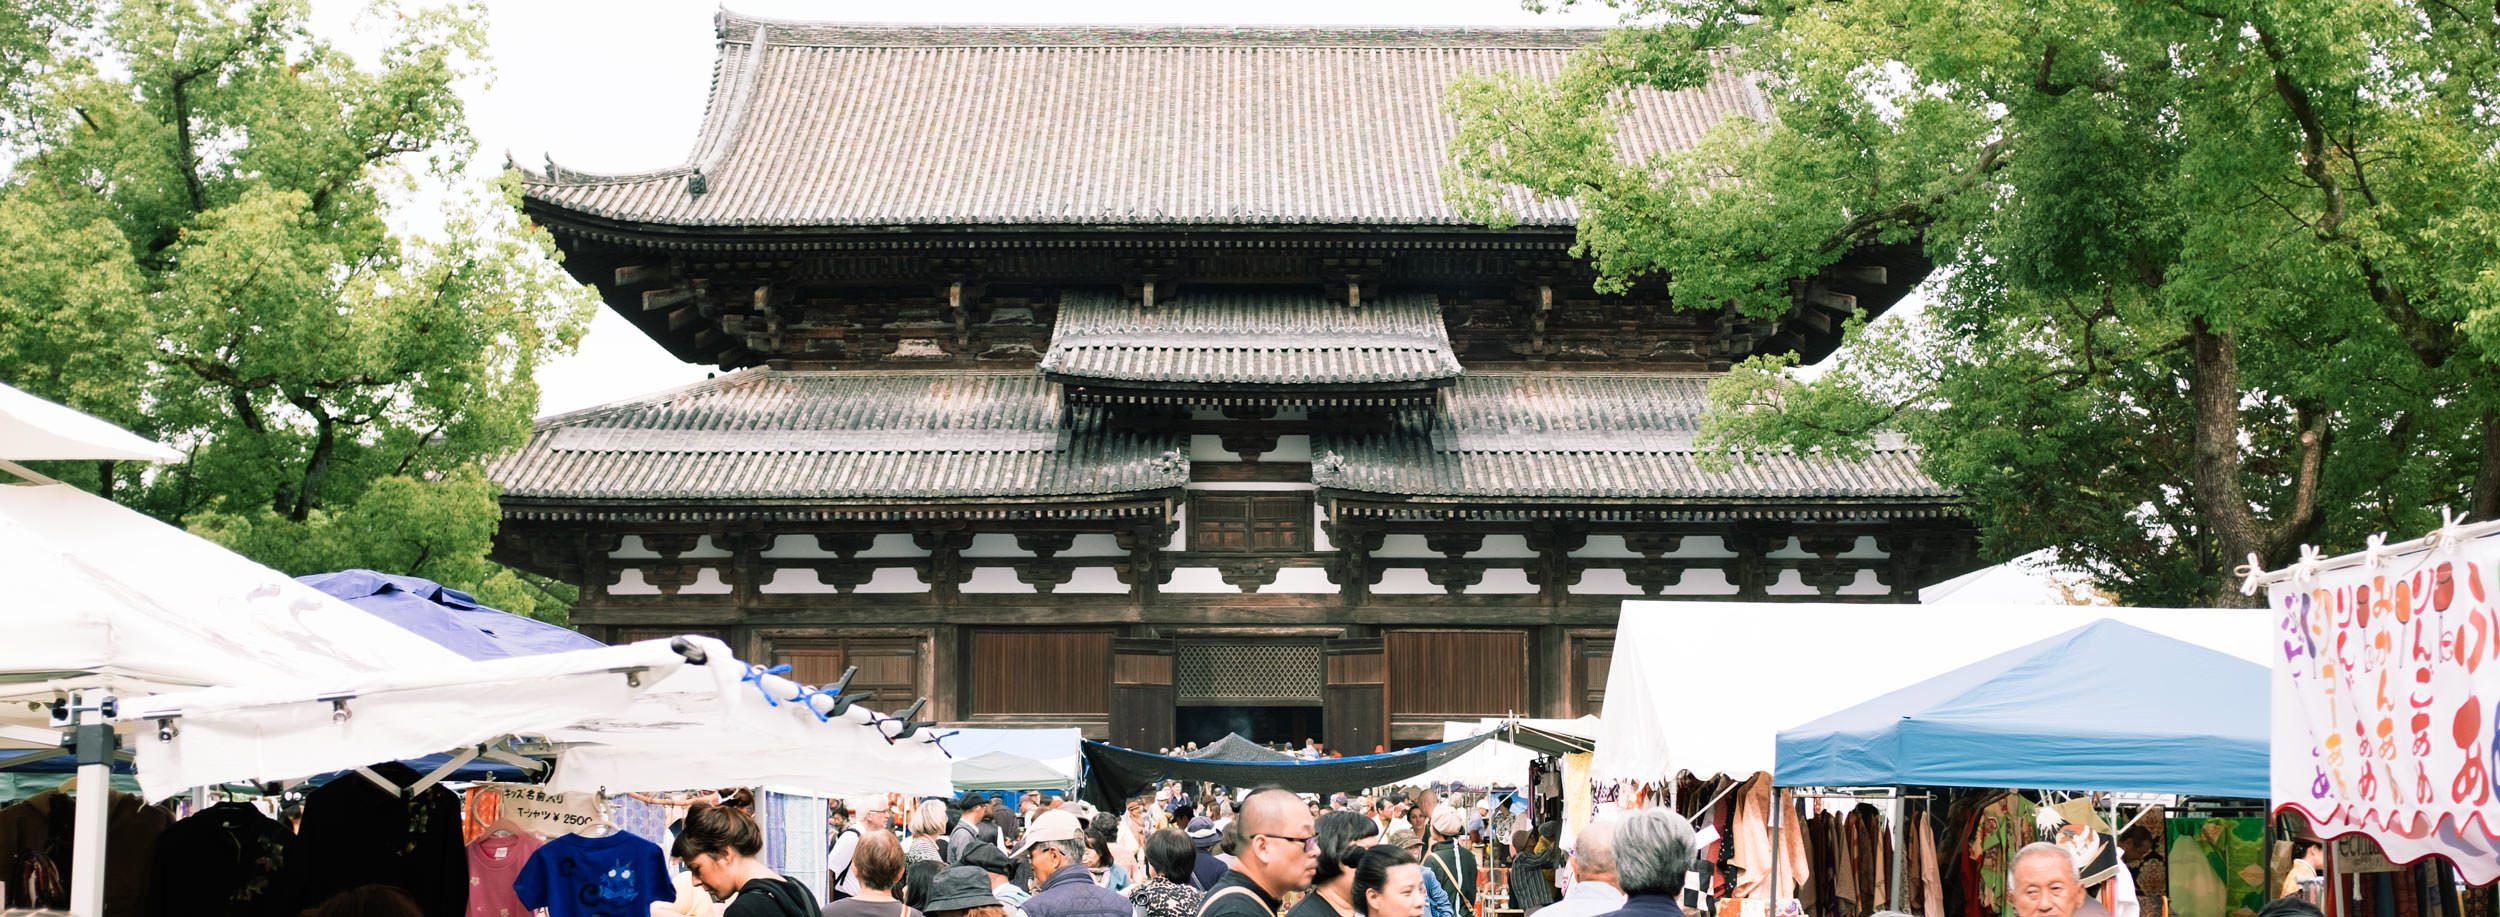 toji-market-kioto